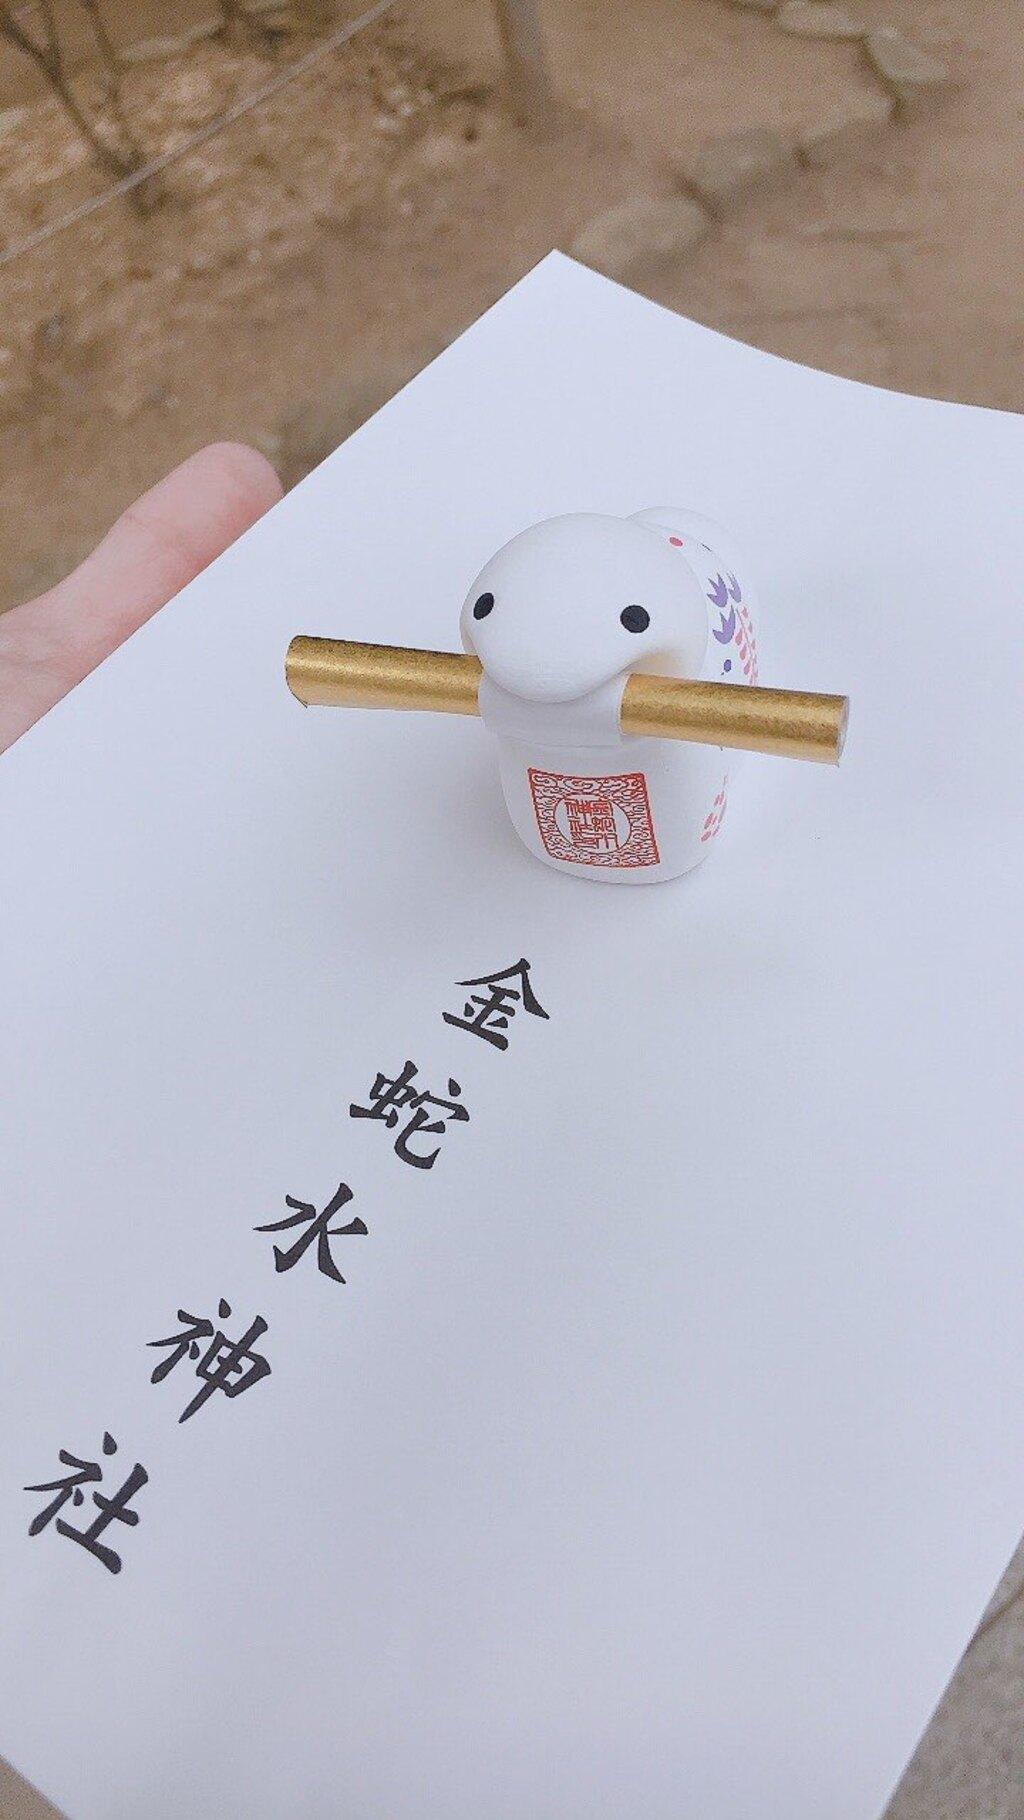 金蛇水神社のおみくじ